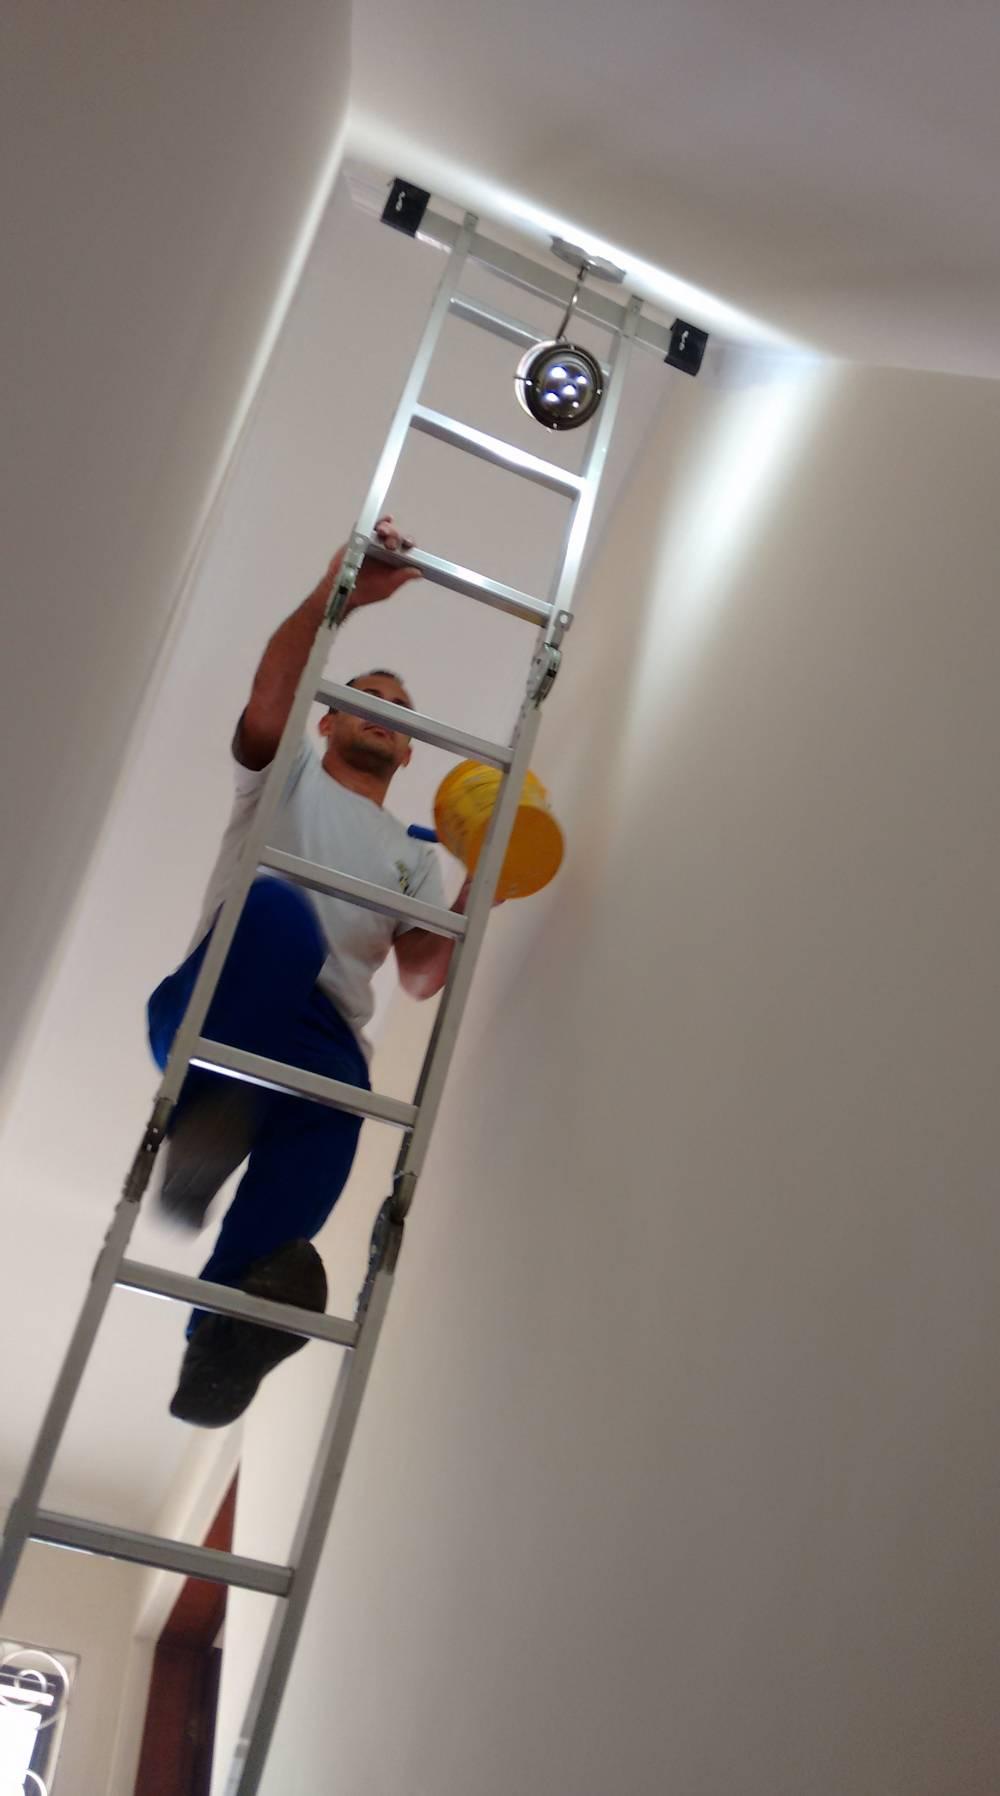 Contratar Serviço de Reparos em Residências na Barcelona - Serviço de Manutenção Residencial